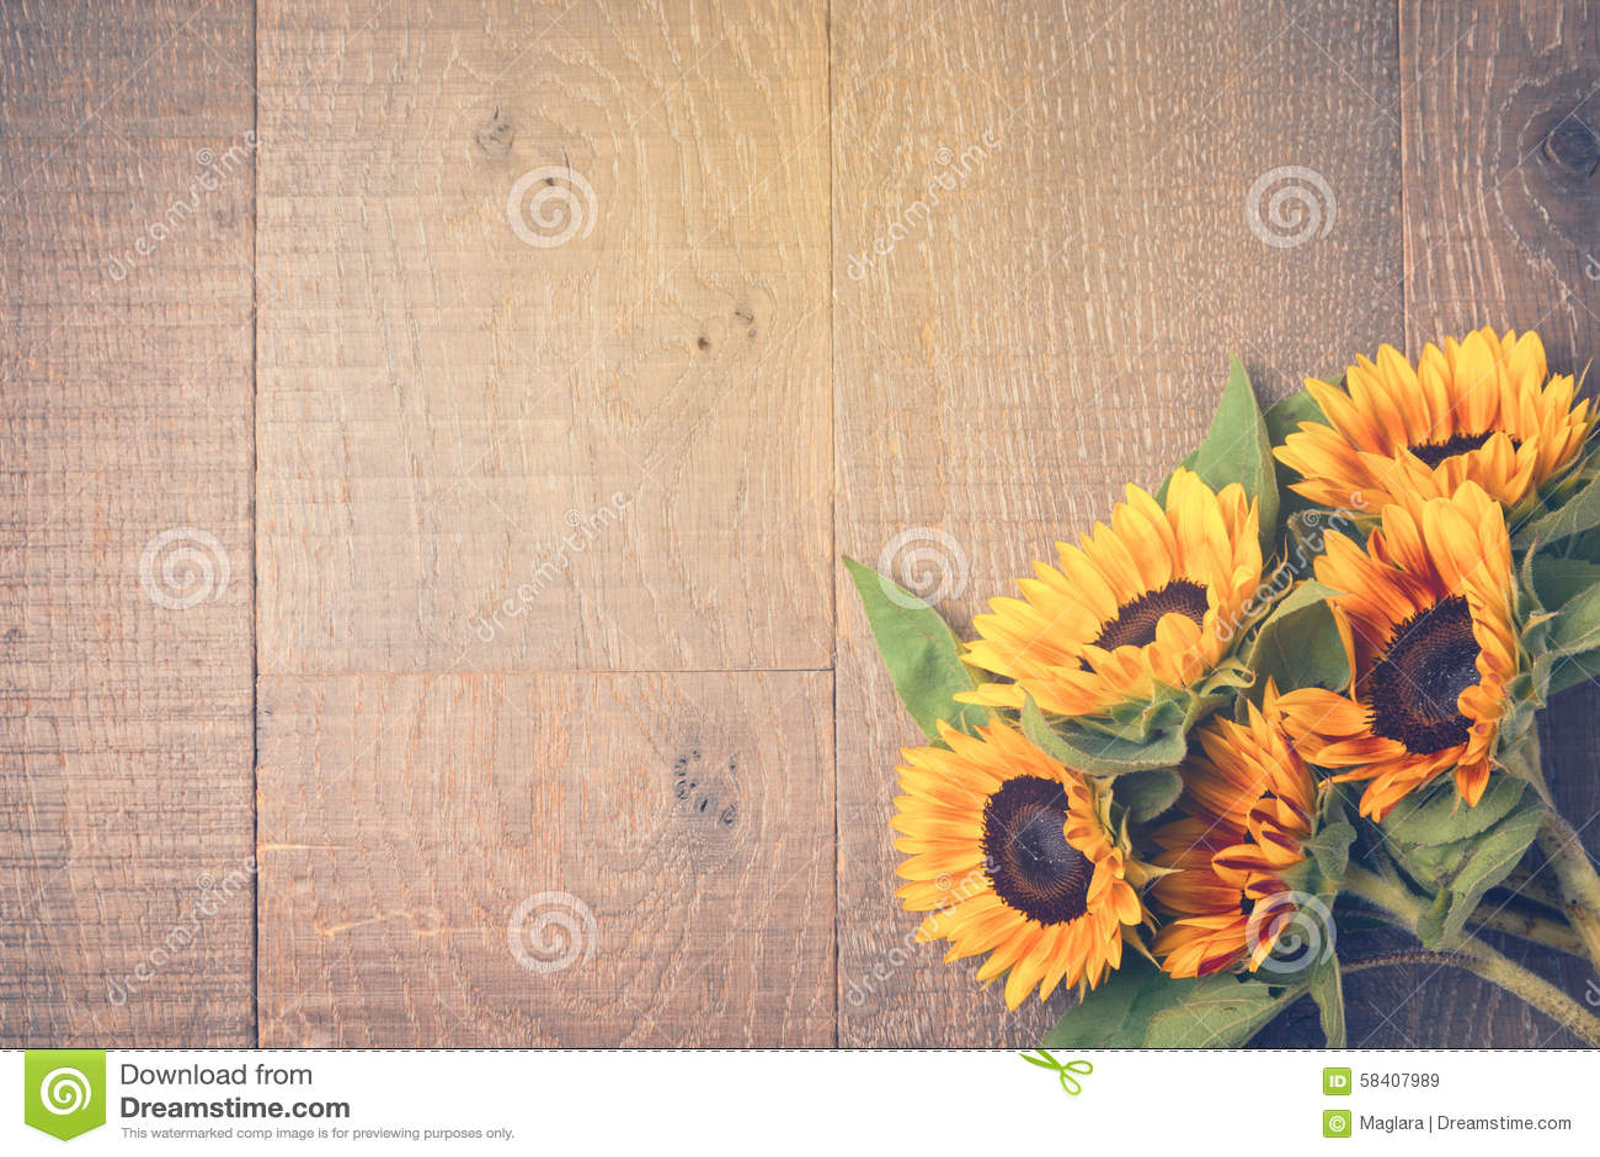 Υπόβαθρο φθινοπώρου με τους ηλίανθους στον ξύλινο πίνακα επάνω από την όψη Αναδρομική επίδραση φίλτρων